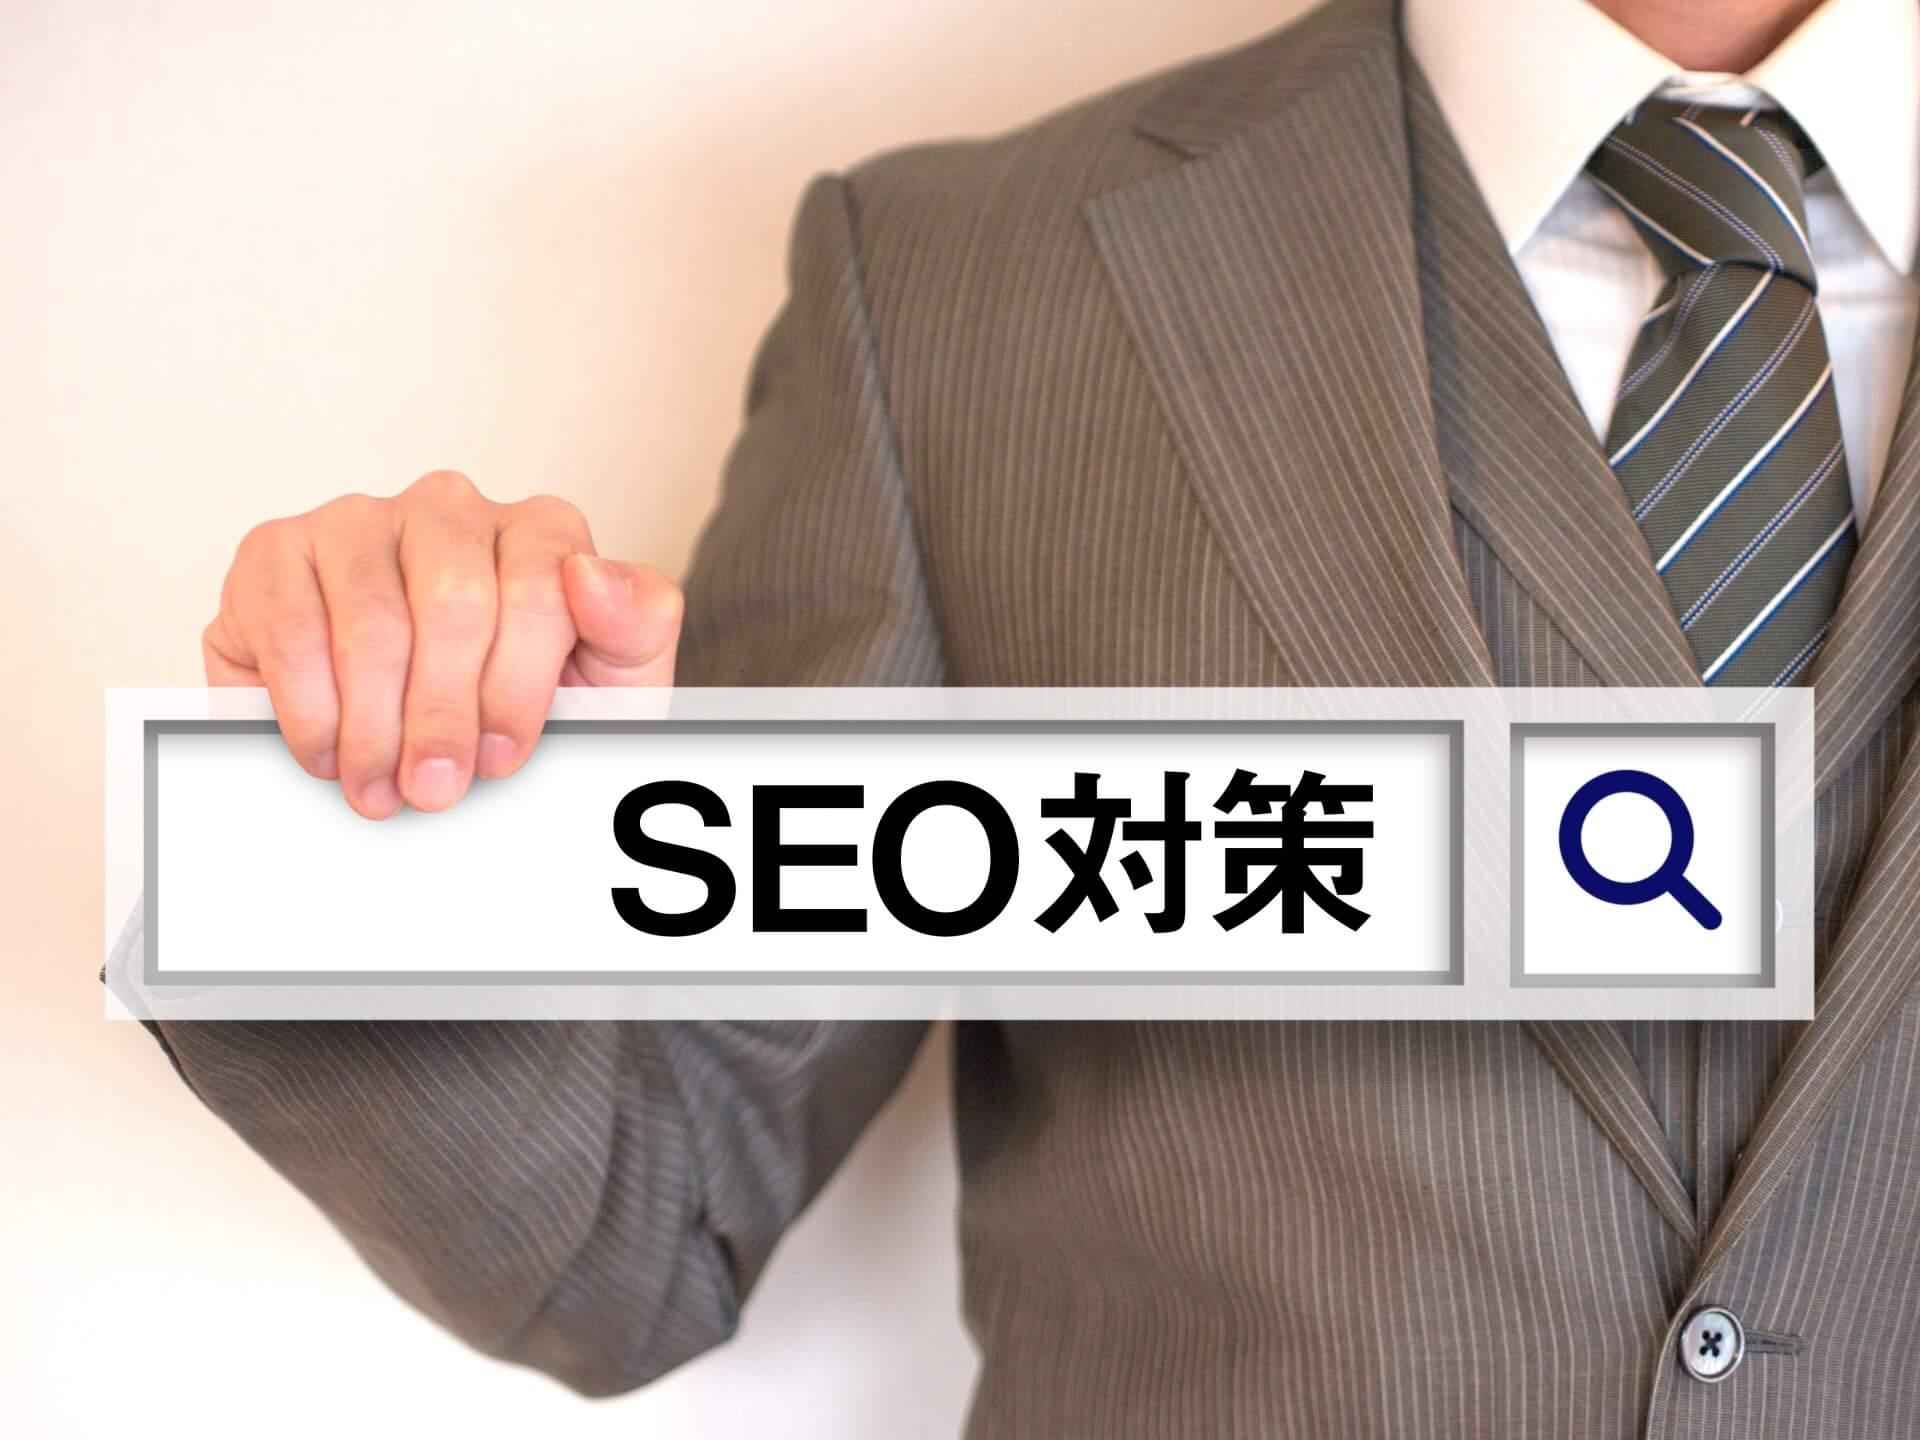 SEO対策・Google・グーグル